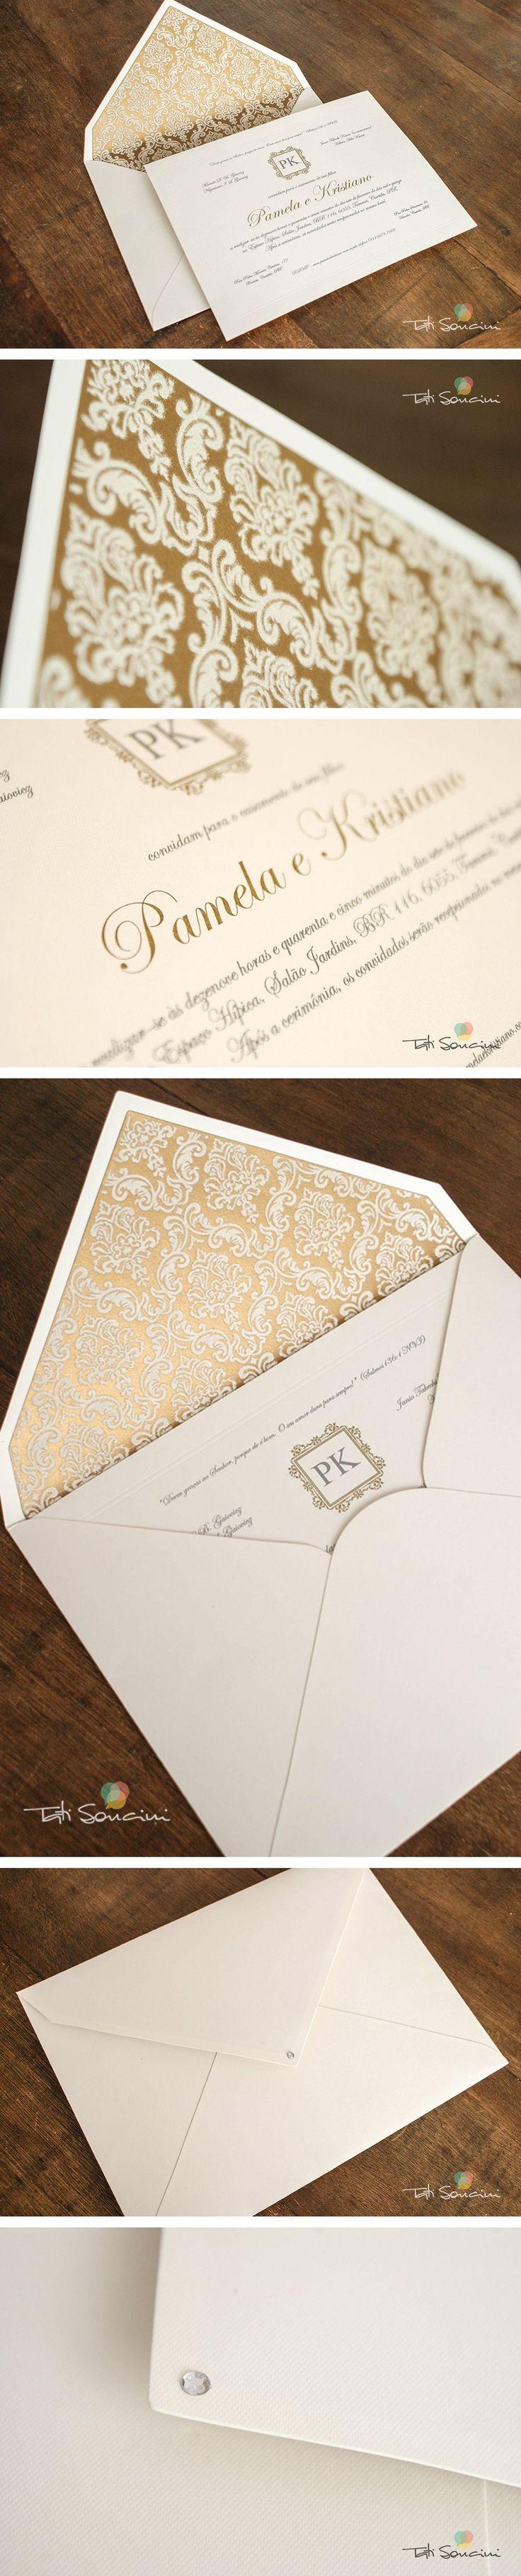 Convite luxo para casamento. Acabamento aveludado, papel especial, impressão dourada e strass.